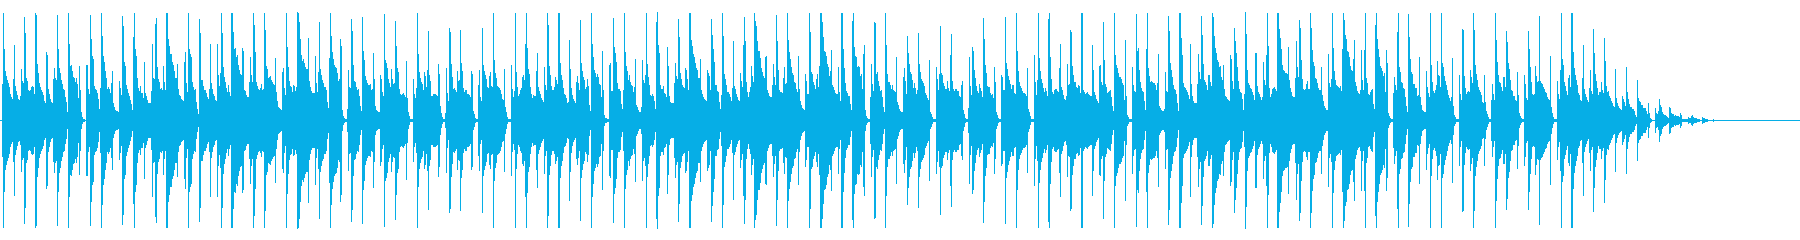 童謡「かっこう」脱力系アレンジの再生済みの波形